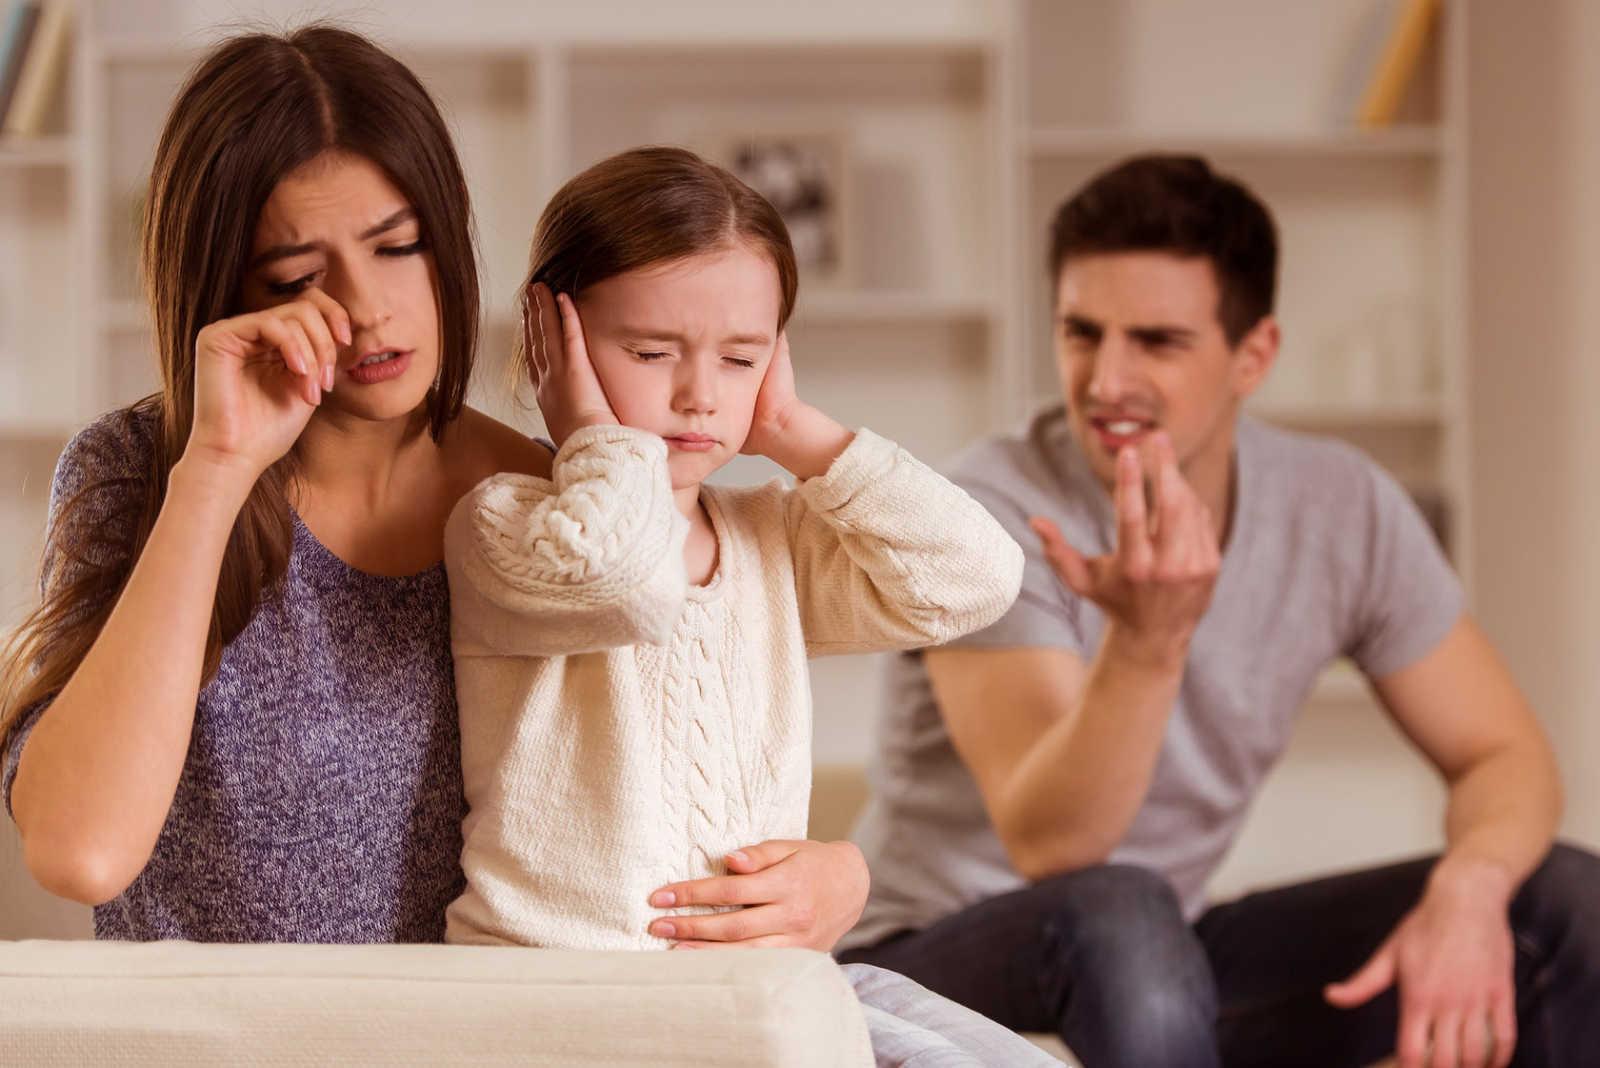 Конфликты в семье картинки счет